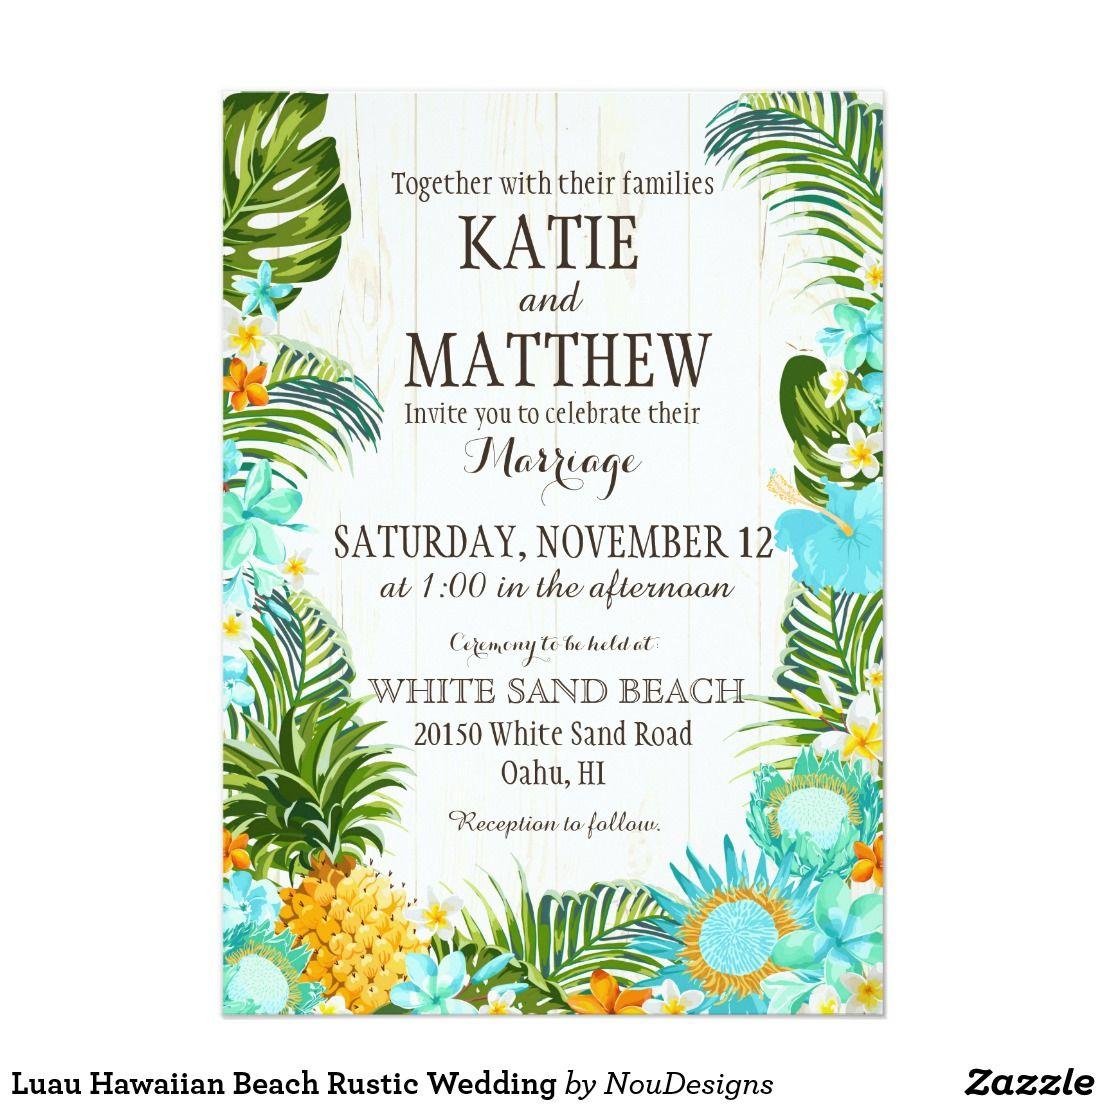 Luau Hawaiian Beach Rustic Wedding Card | Luau, Floral wedding and ...